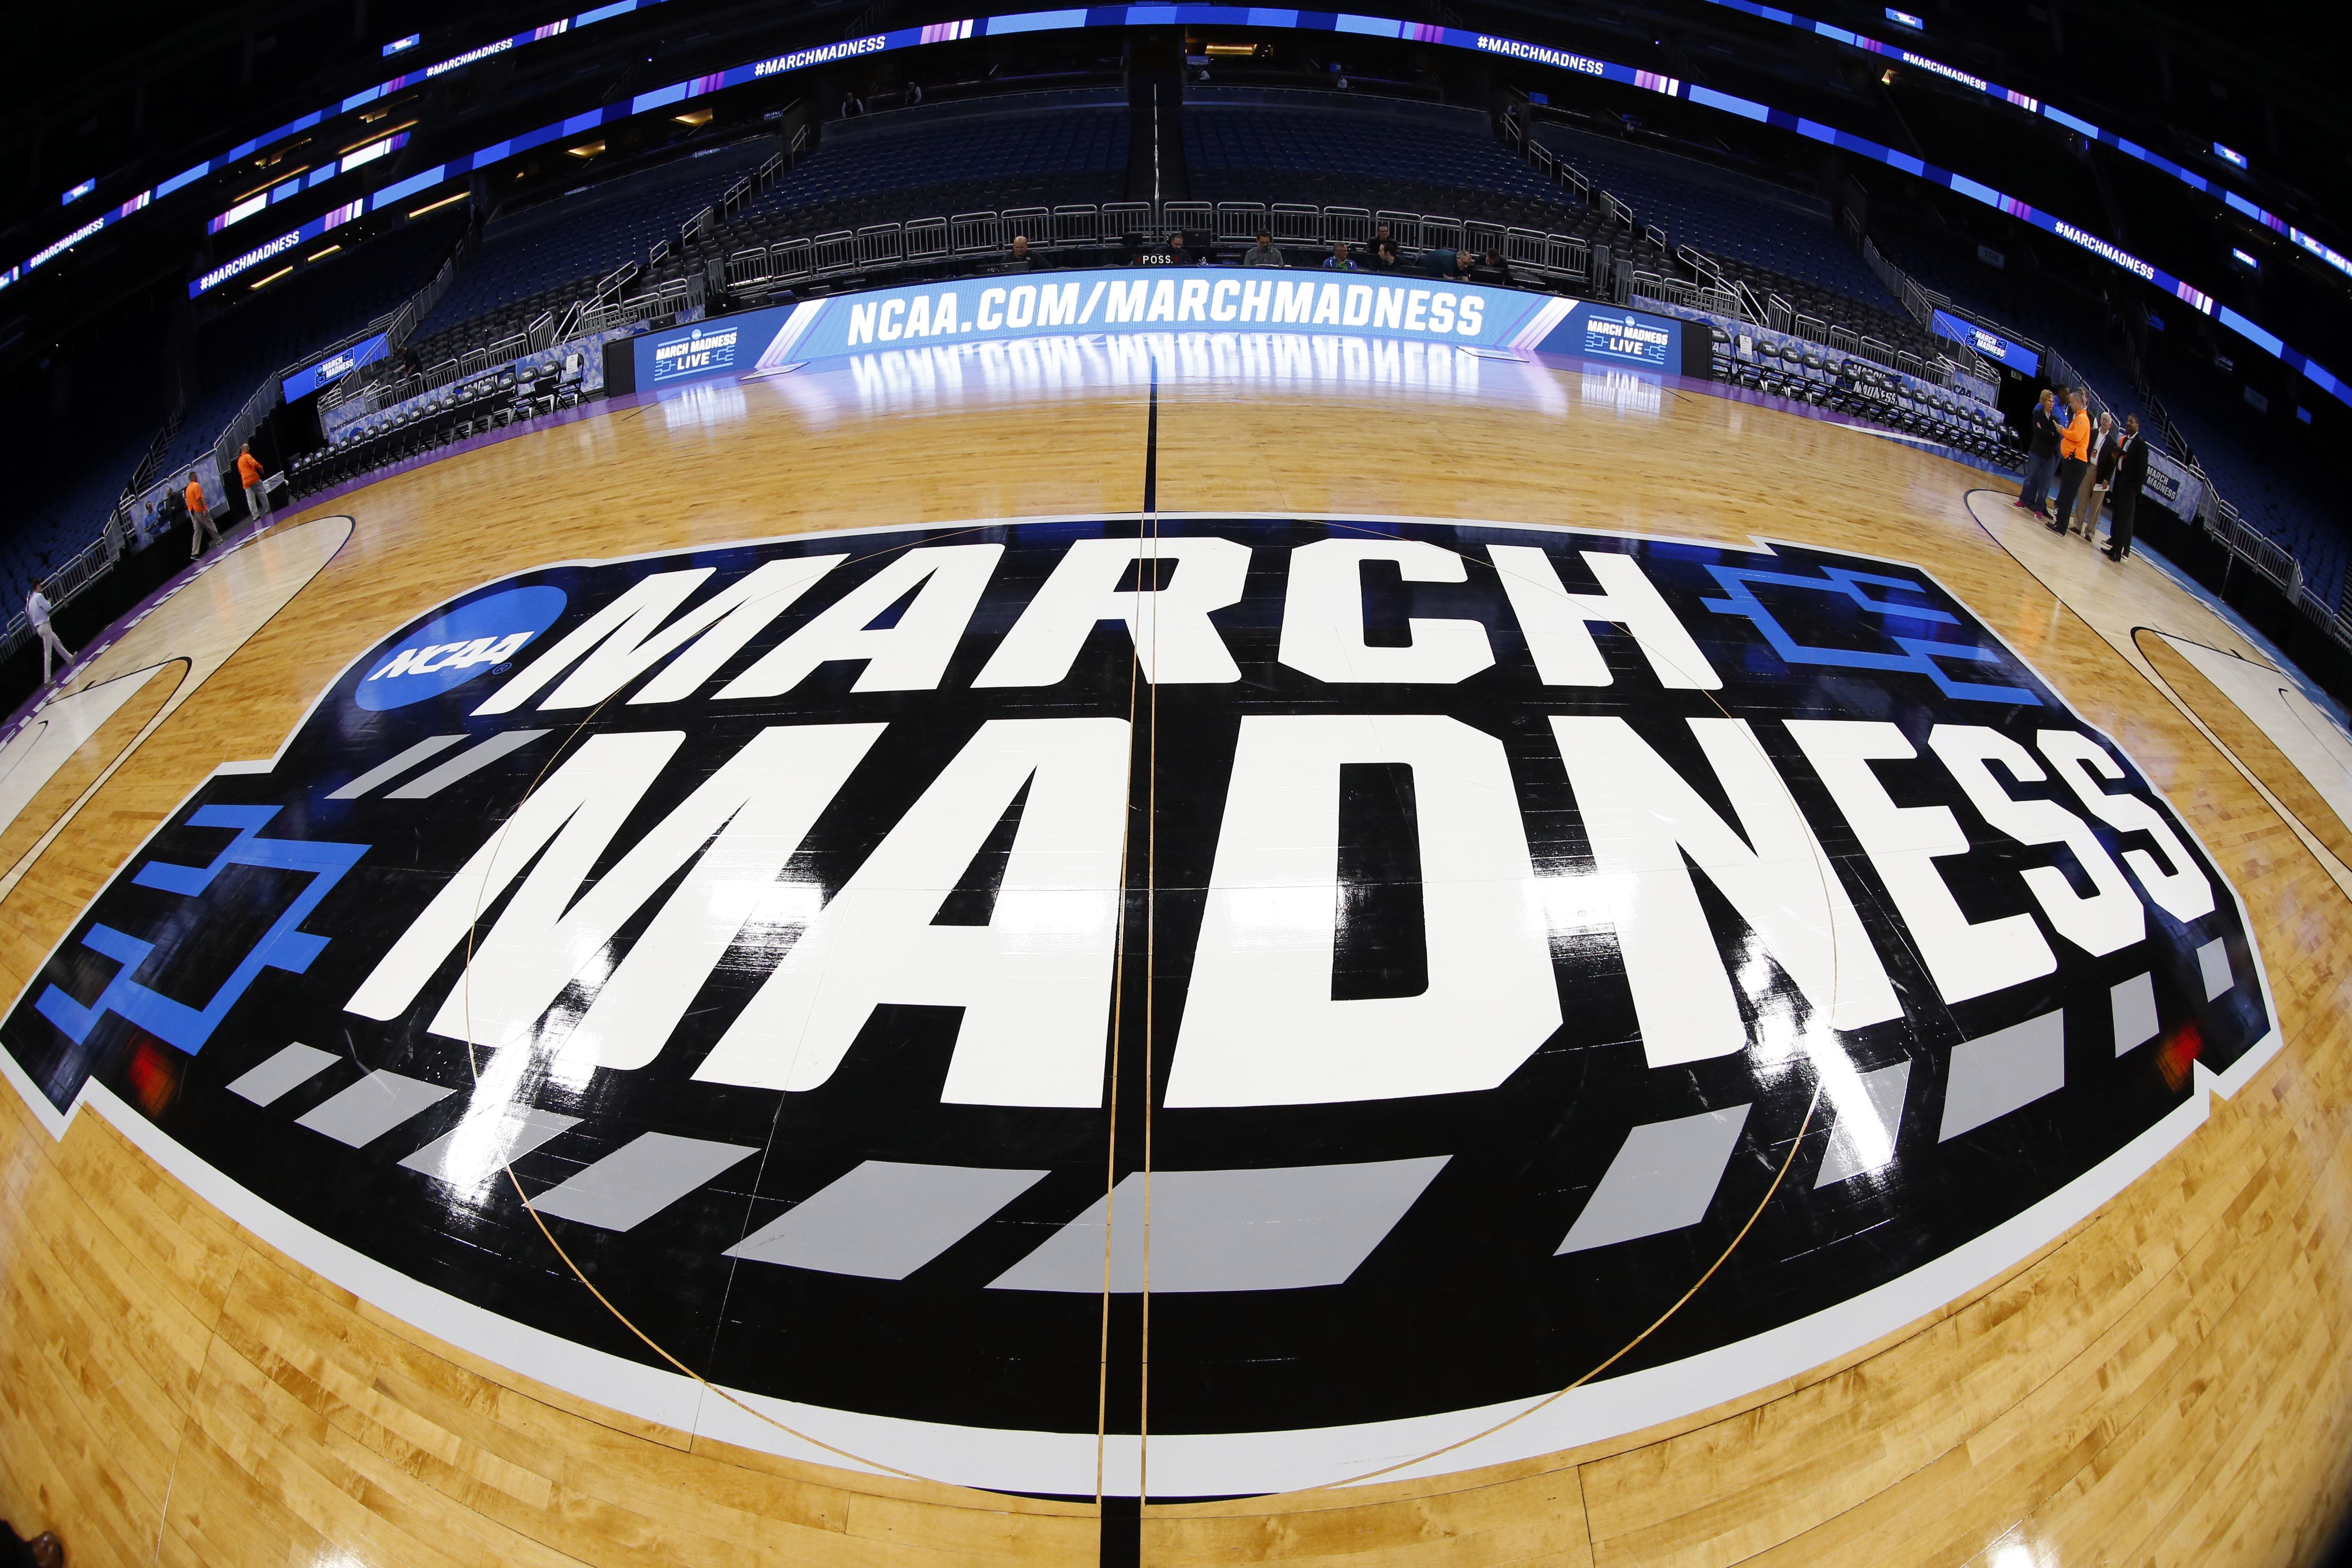 9943404-ncaa-basketball-ncaa-tournament-orlando-practice-1